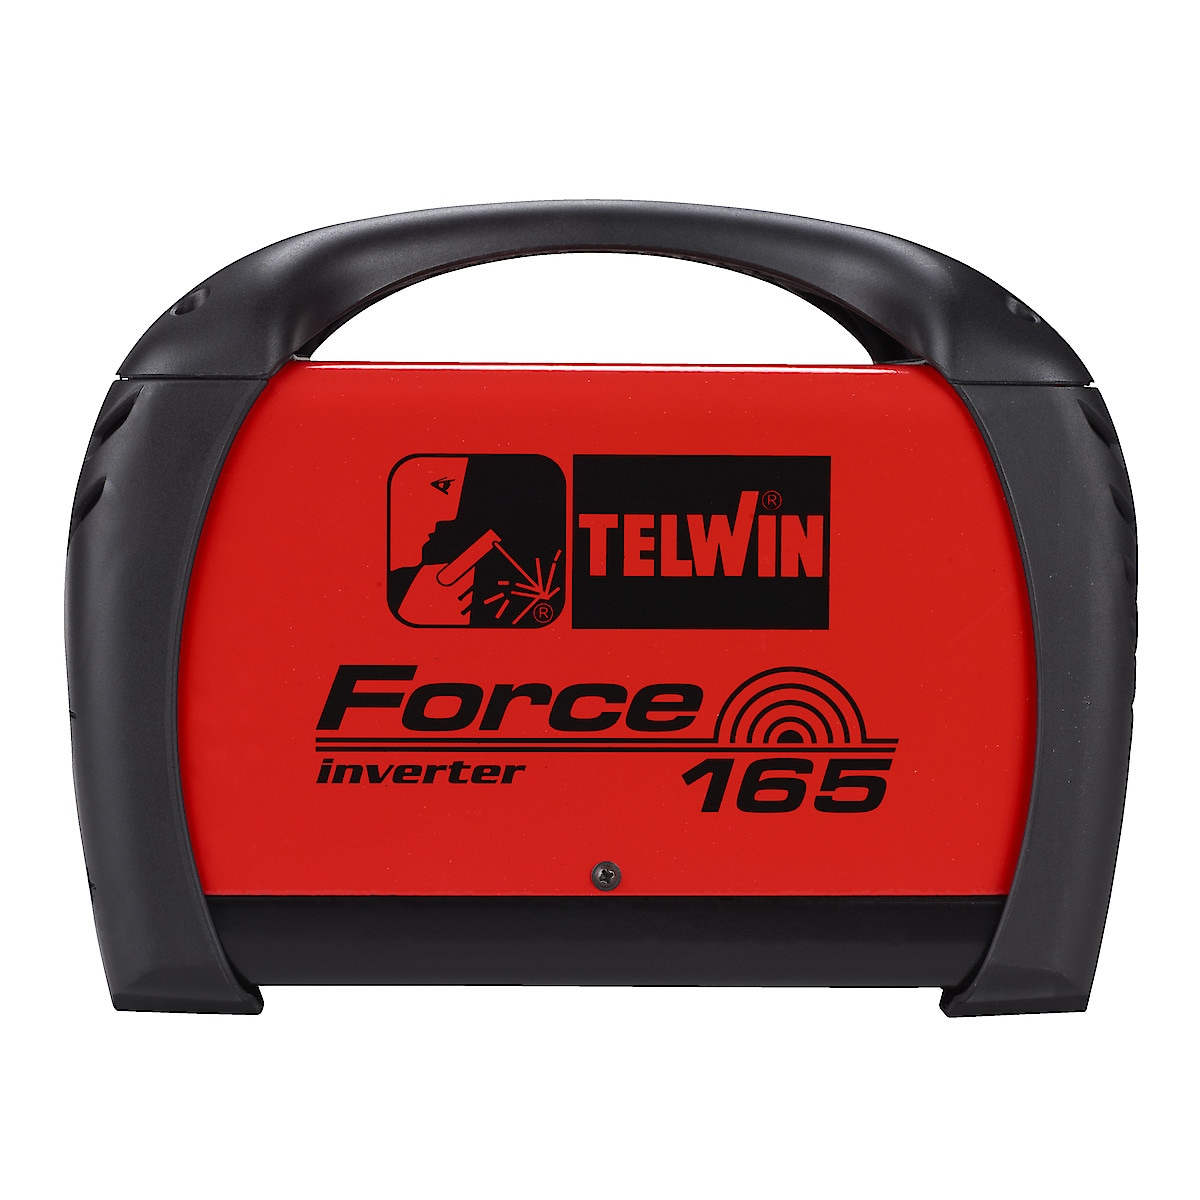 Svets Telwin Force 165